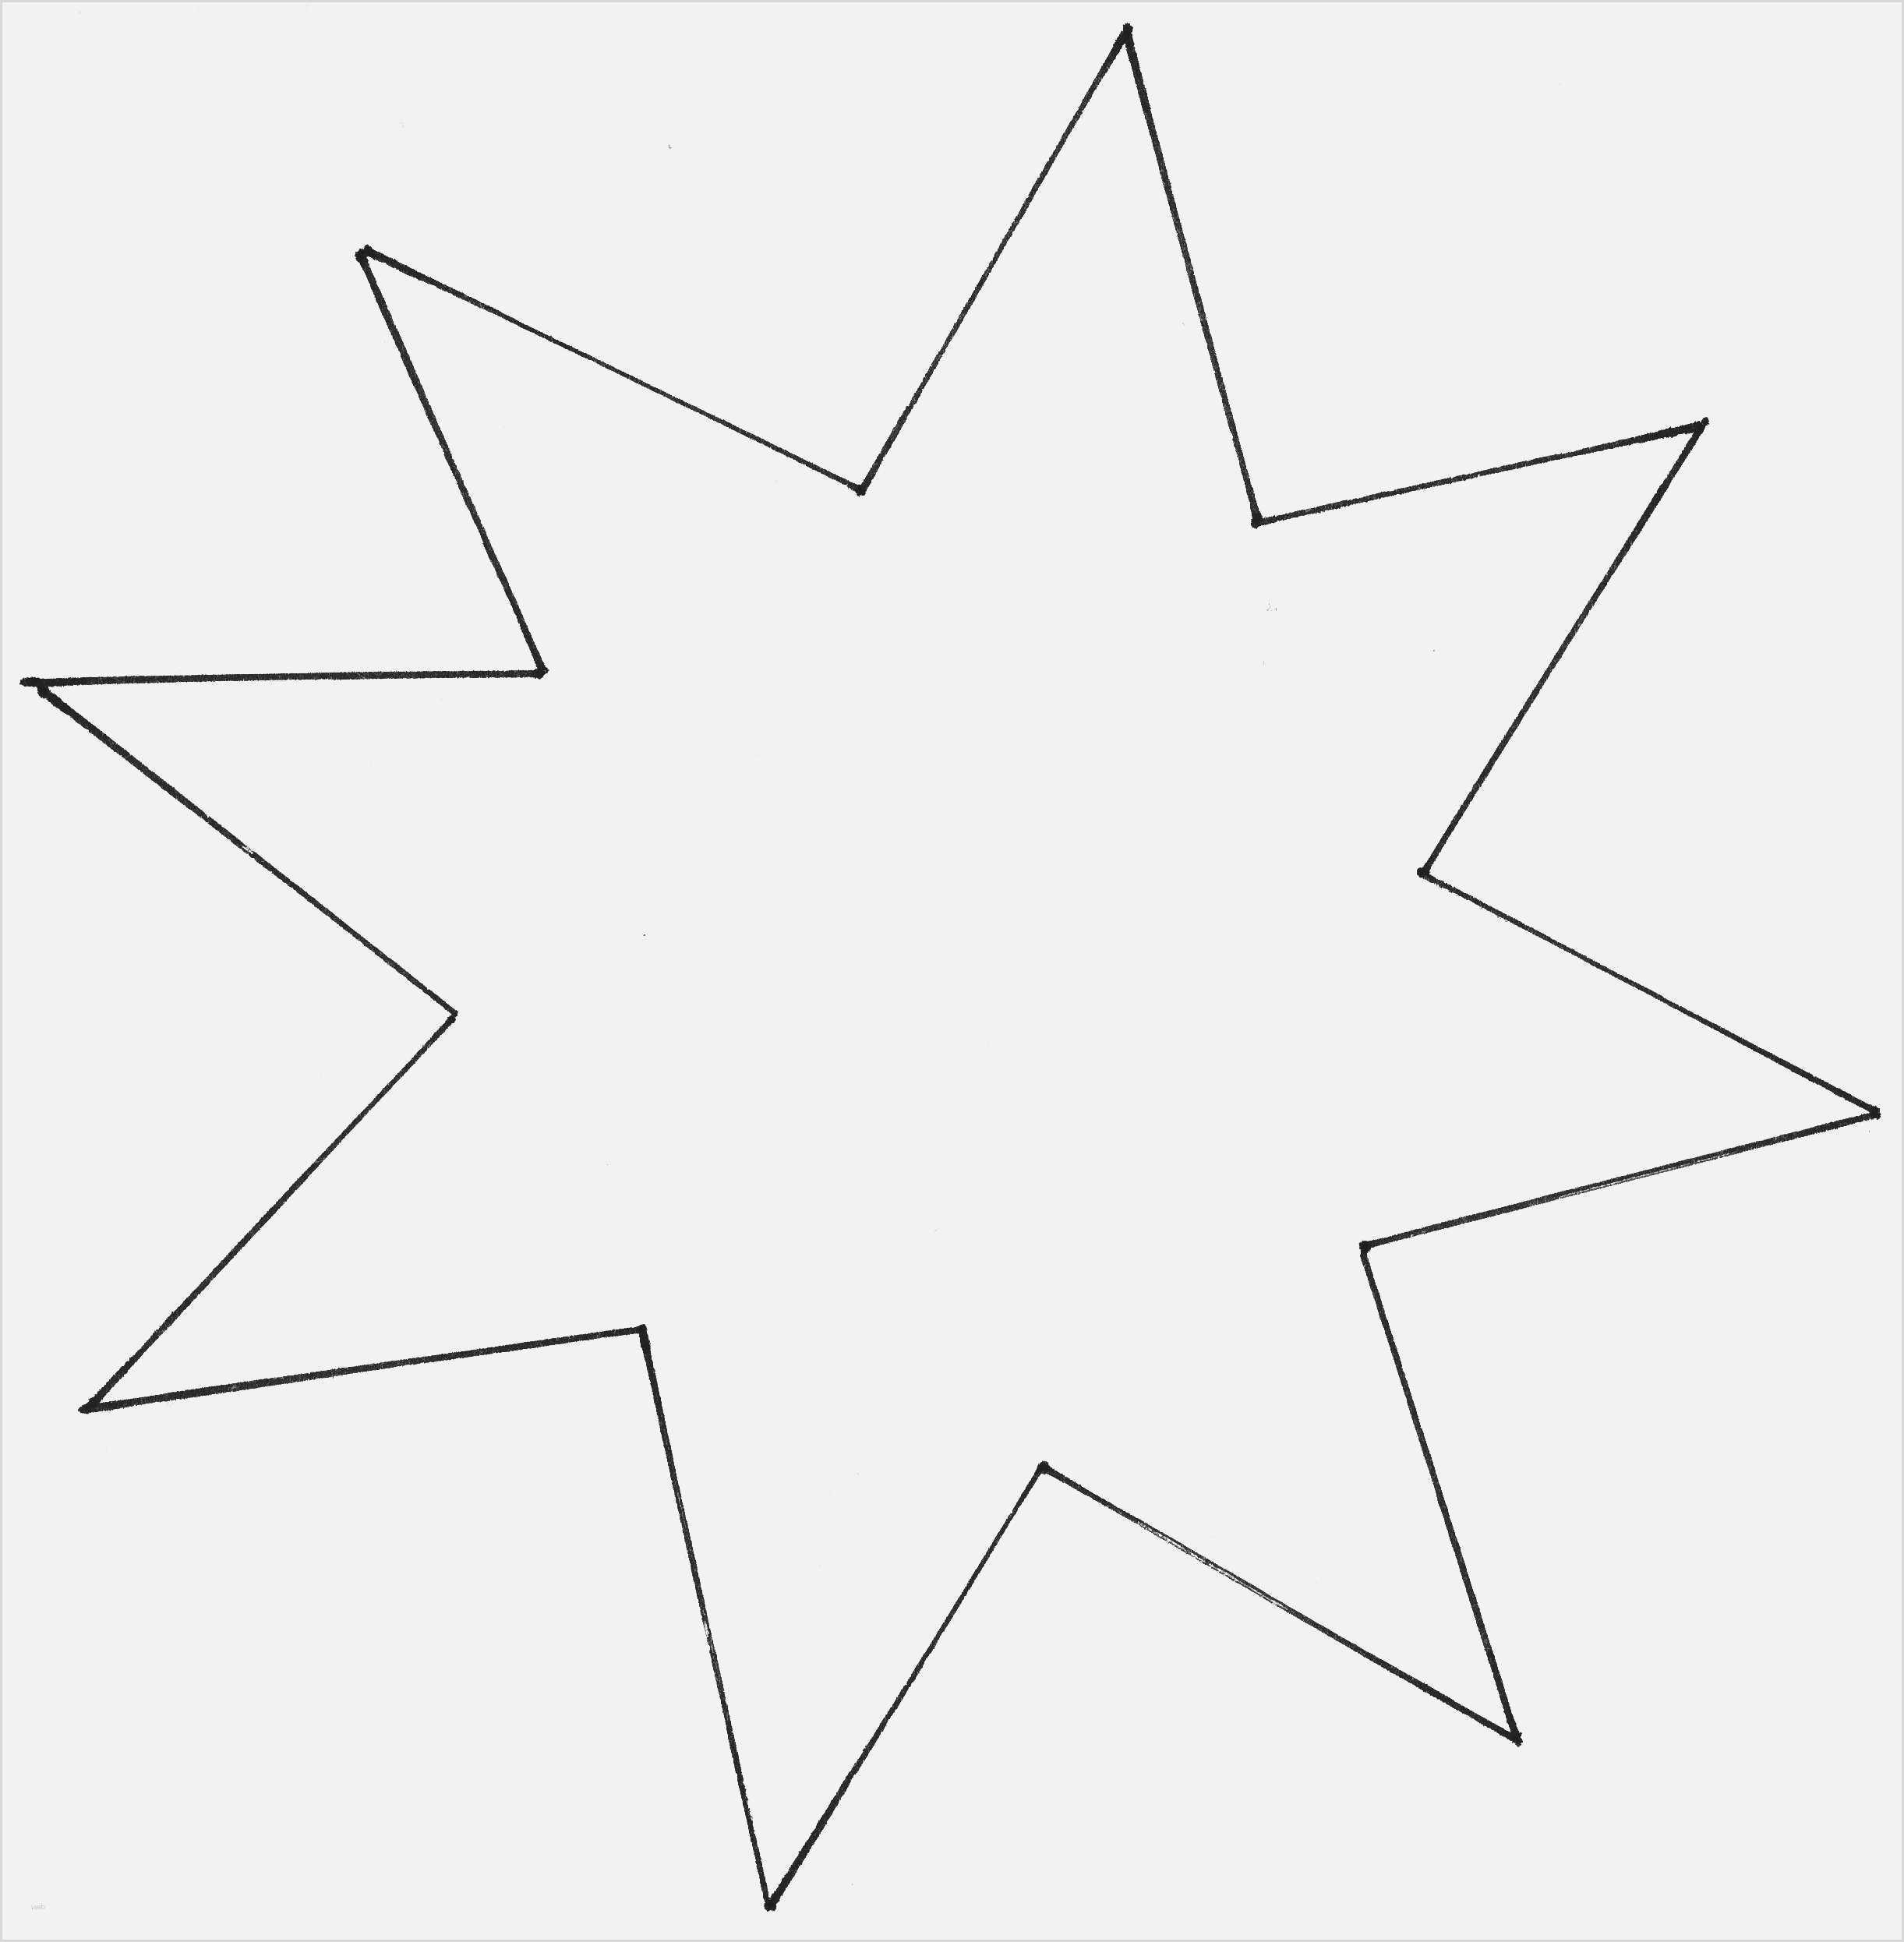 Sternschnuppe Vorlage Zum Ausdrucken Einzigartig Ausmalbilder Sternschnuppe Neu sonne Vorlagen Zum Ausdrucken Gallery Das Bild